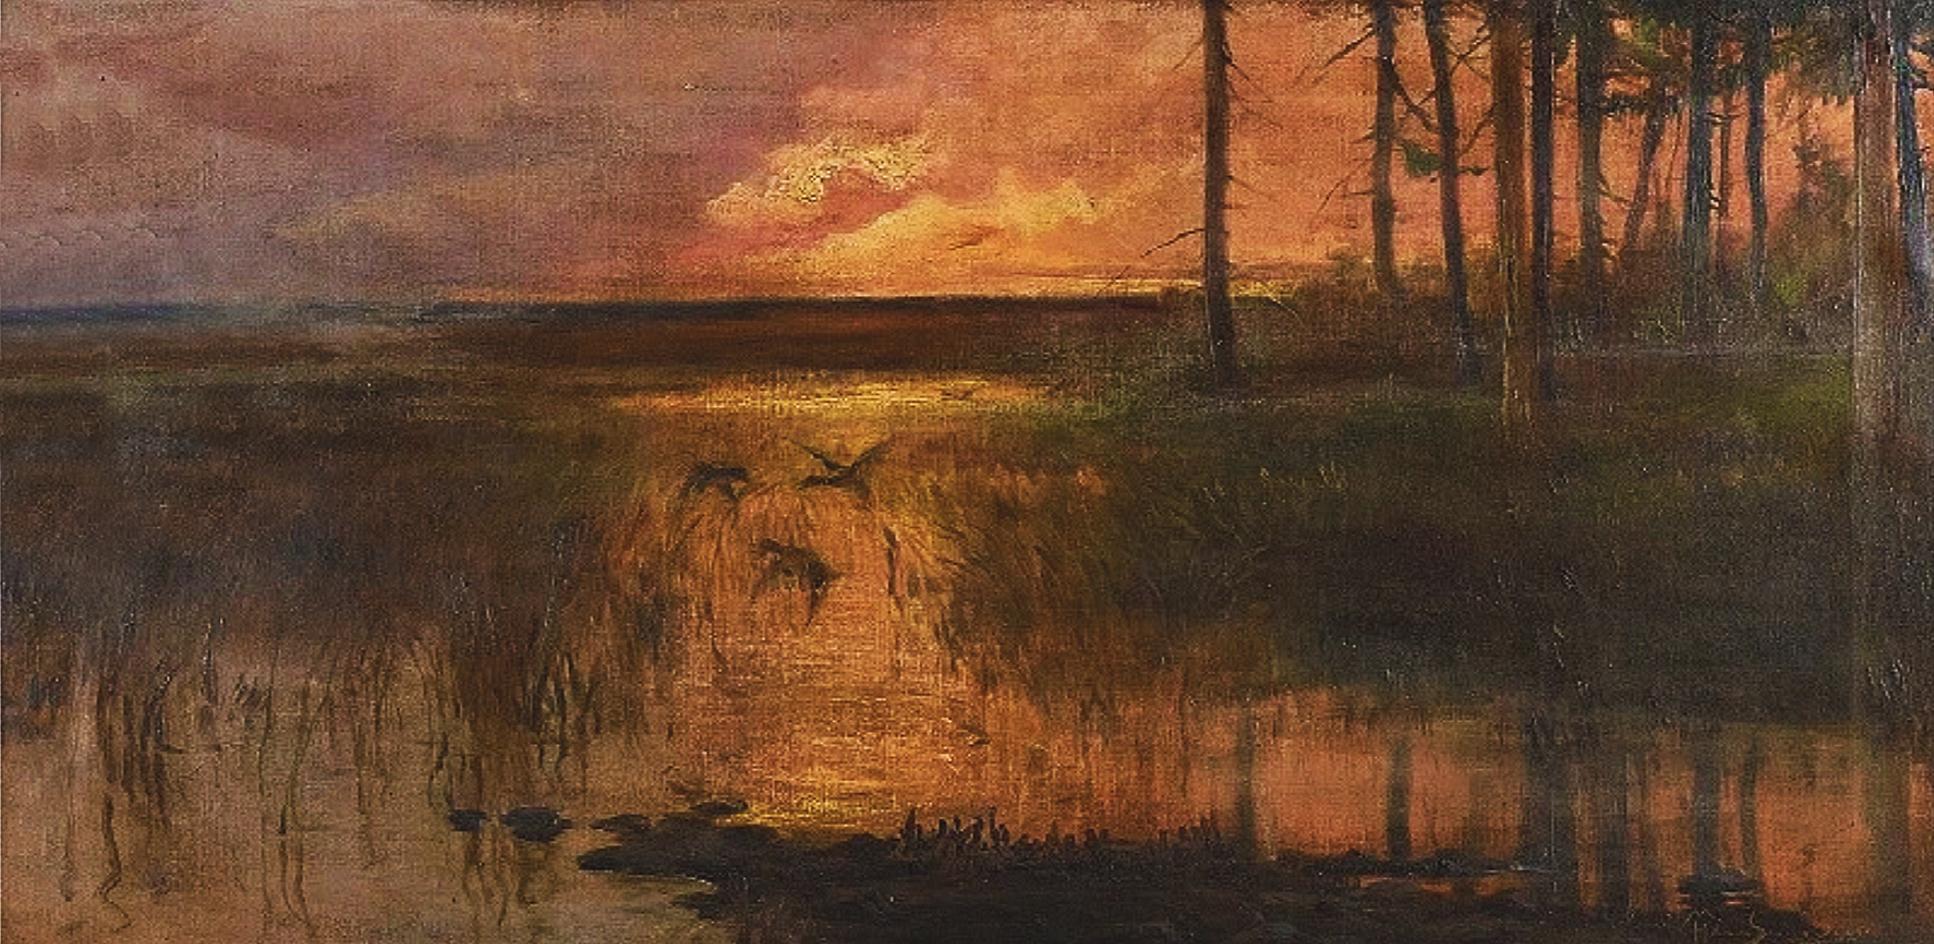 Марцелій Гарасимович. Полісся захід сонця, 1908; олія на полотні, 46х91 см